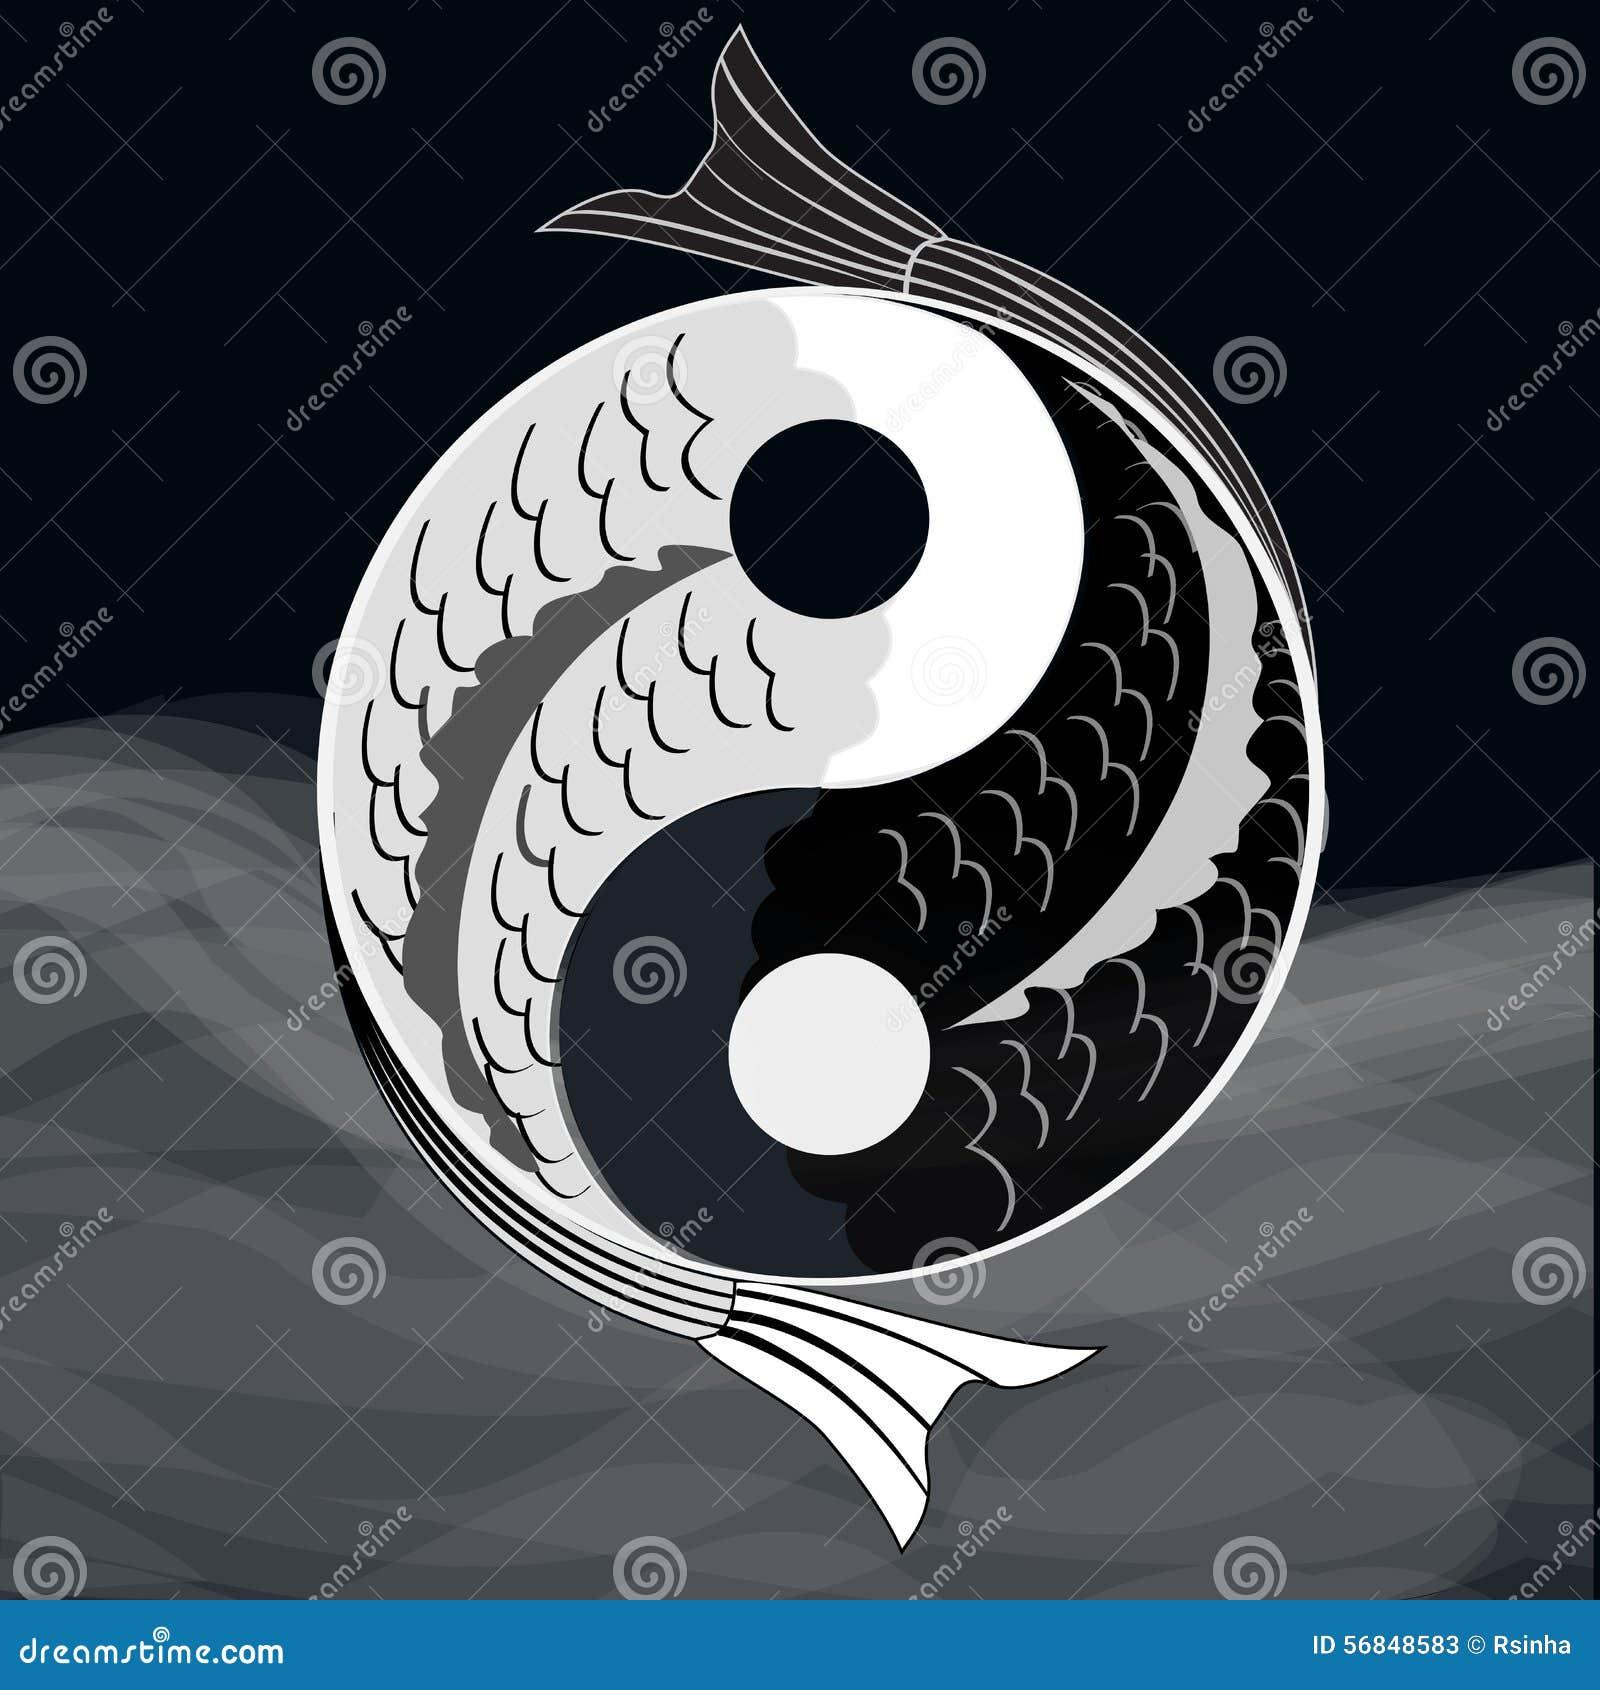 how to make a yin yang symbol